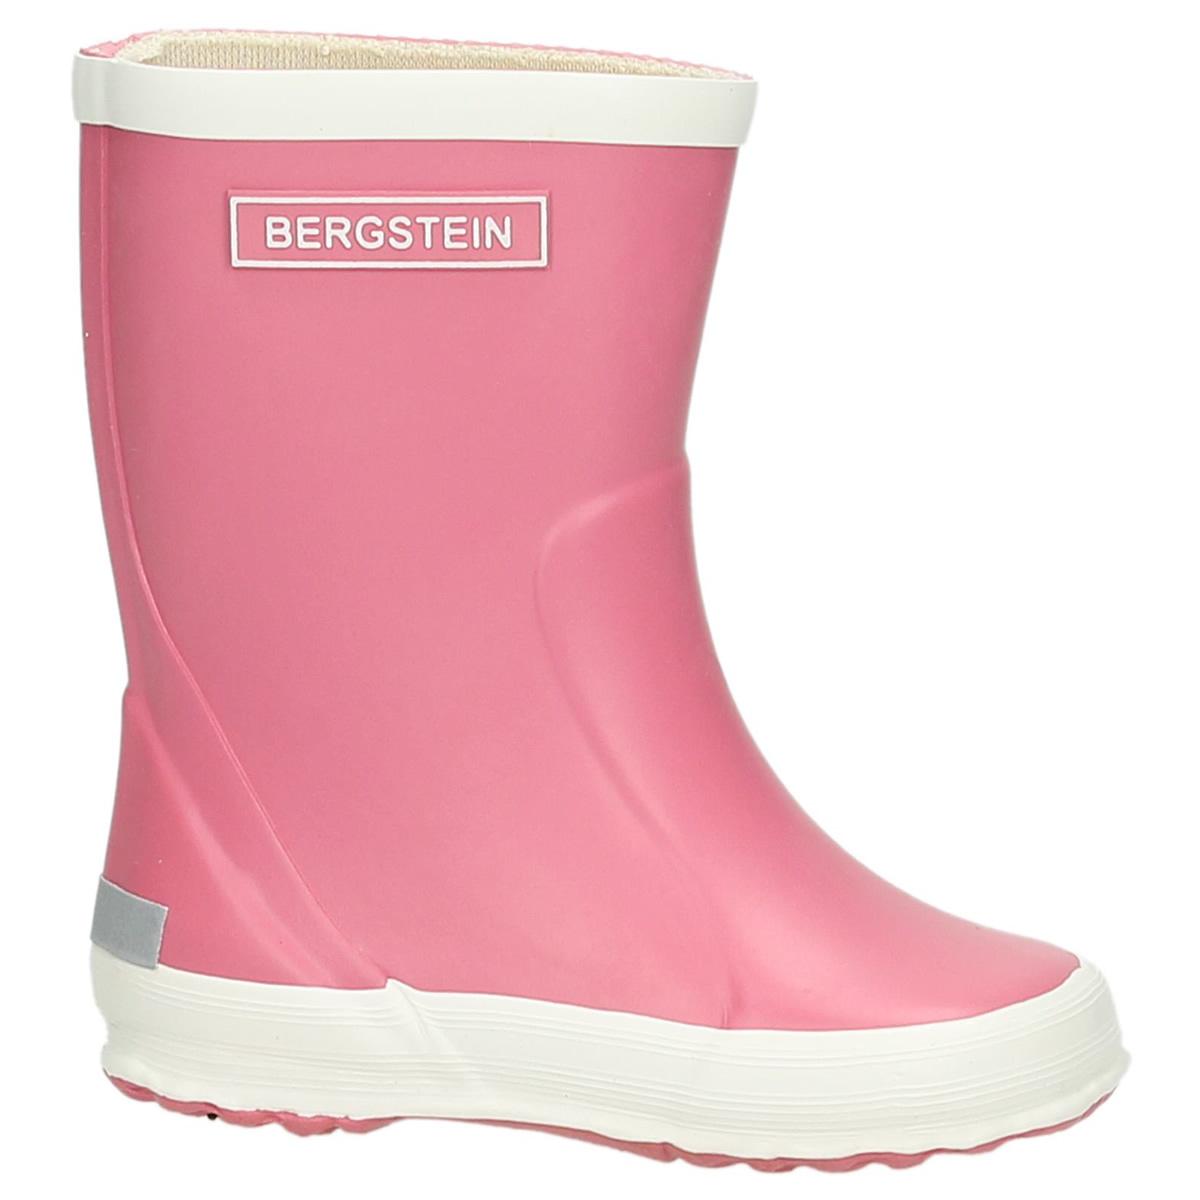 Roze Bergstein Laarzen